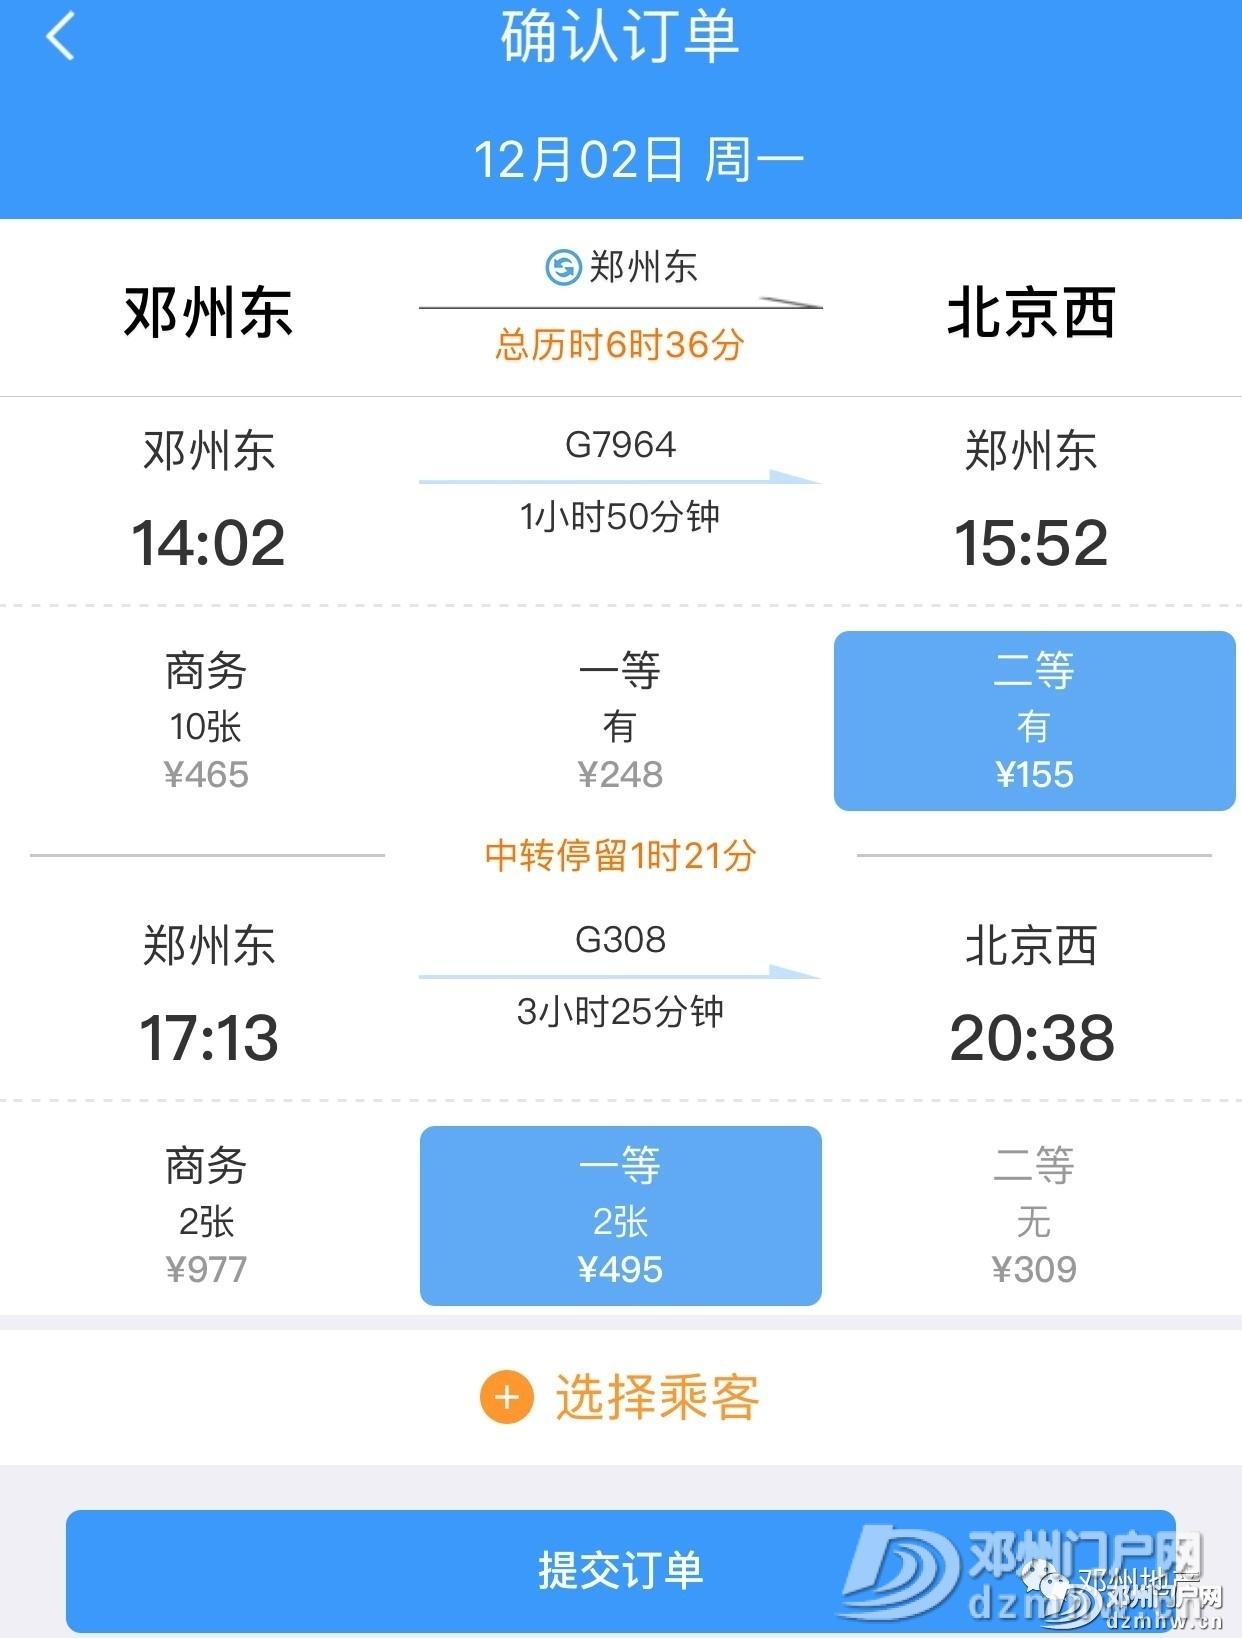 邓州高铁通往北上广深杭津成等城市票价和时刻表来了 - 邓州门户网 邓州网 - 9fc269d1a8423473f13508f0f60f1af6.jpg